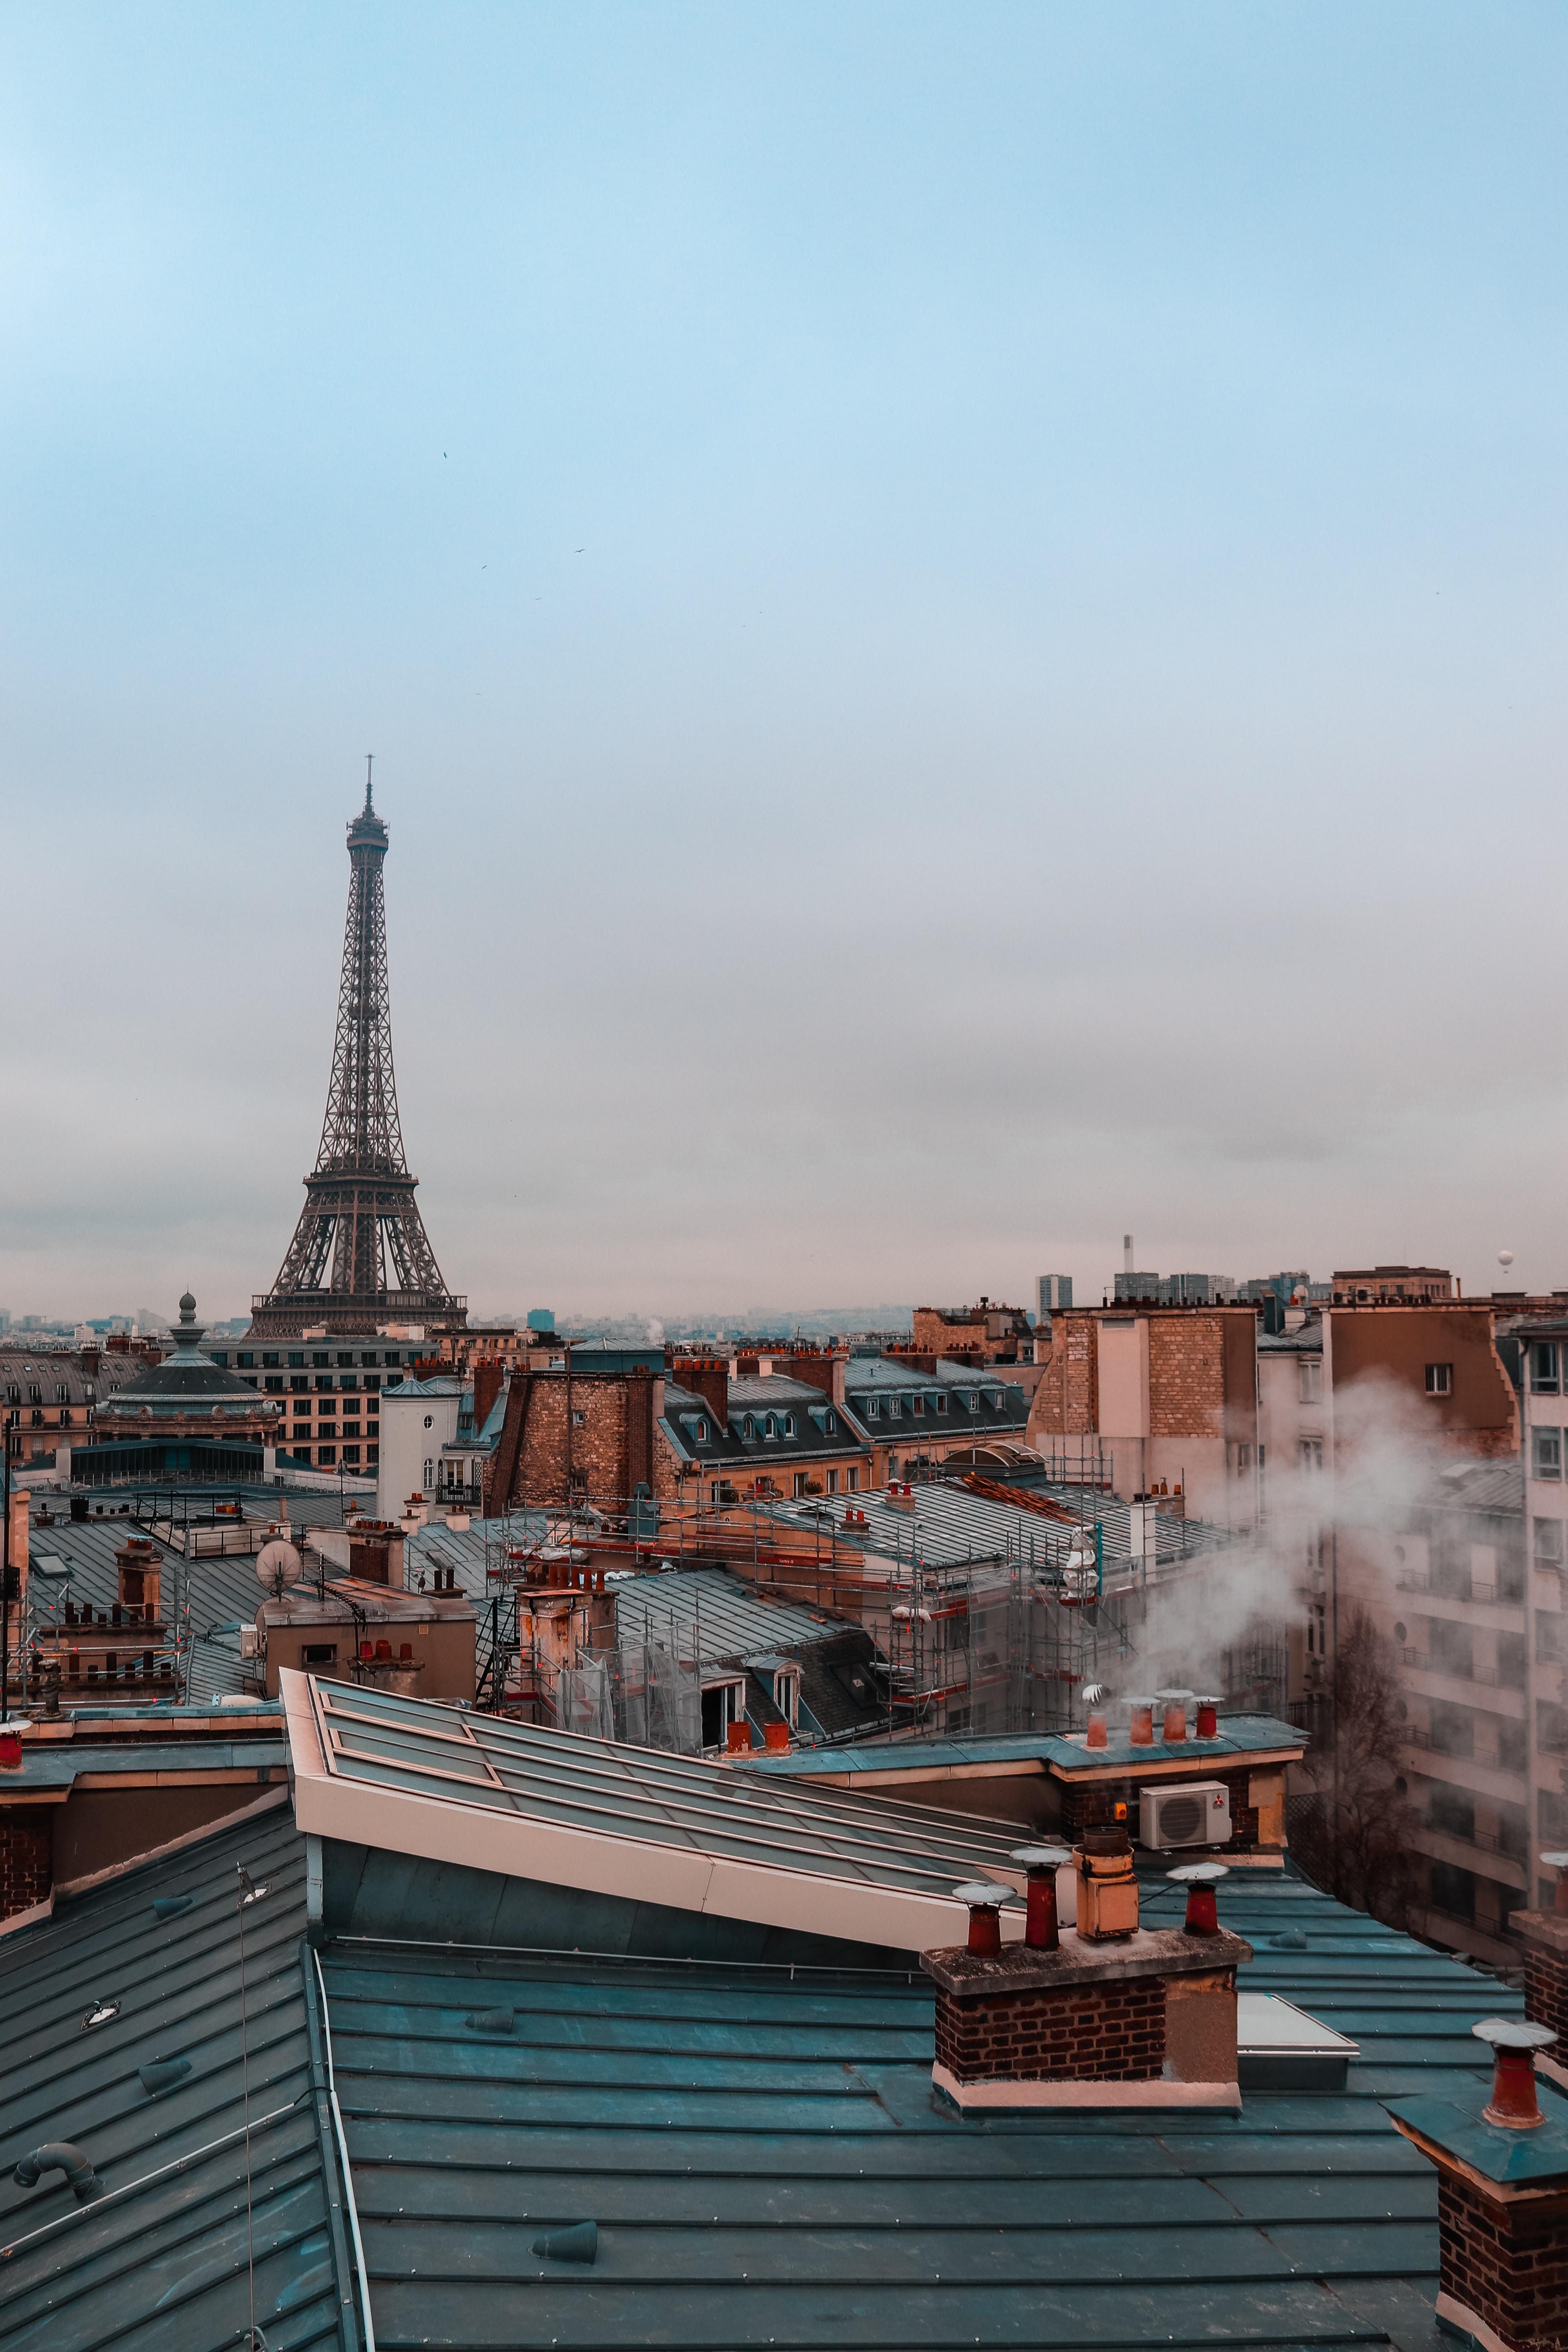 Image by Adrien xplr